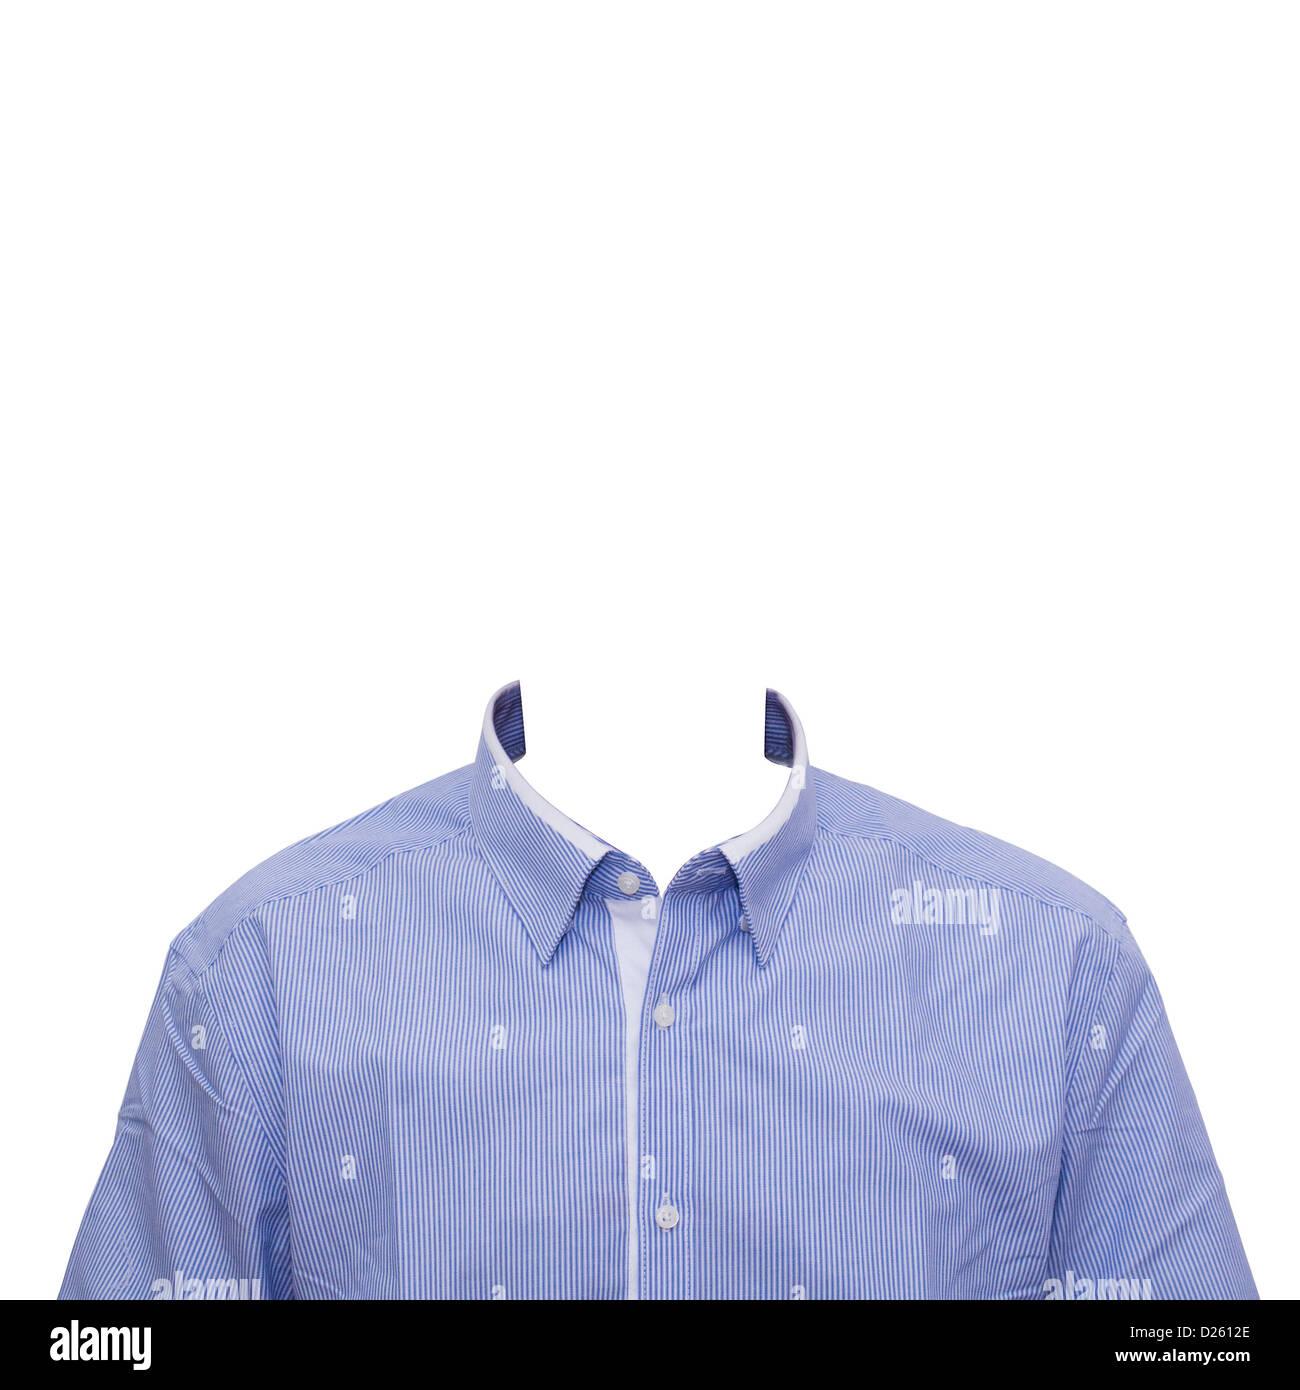 Kragen Shirt Vorlage für Konzept oder formalen Porträts Passfoto ...